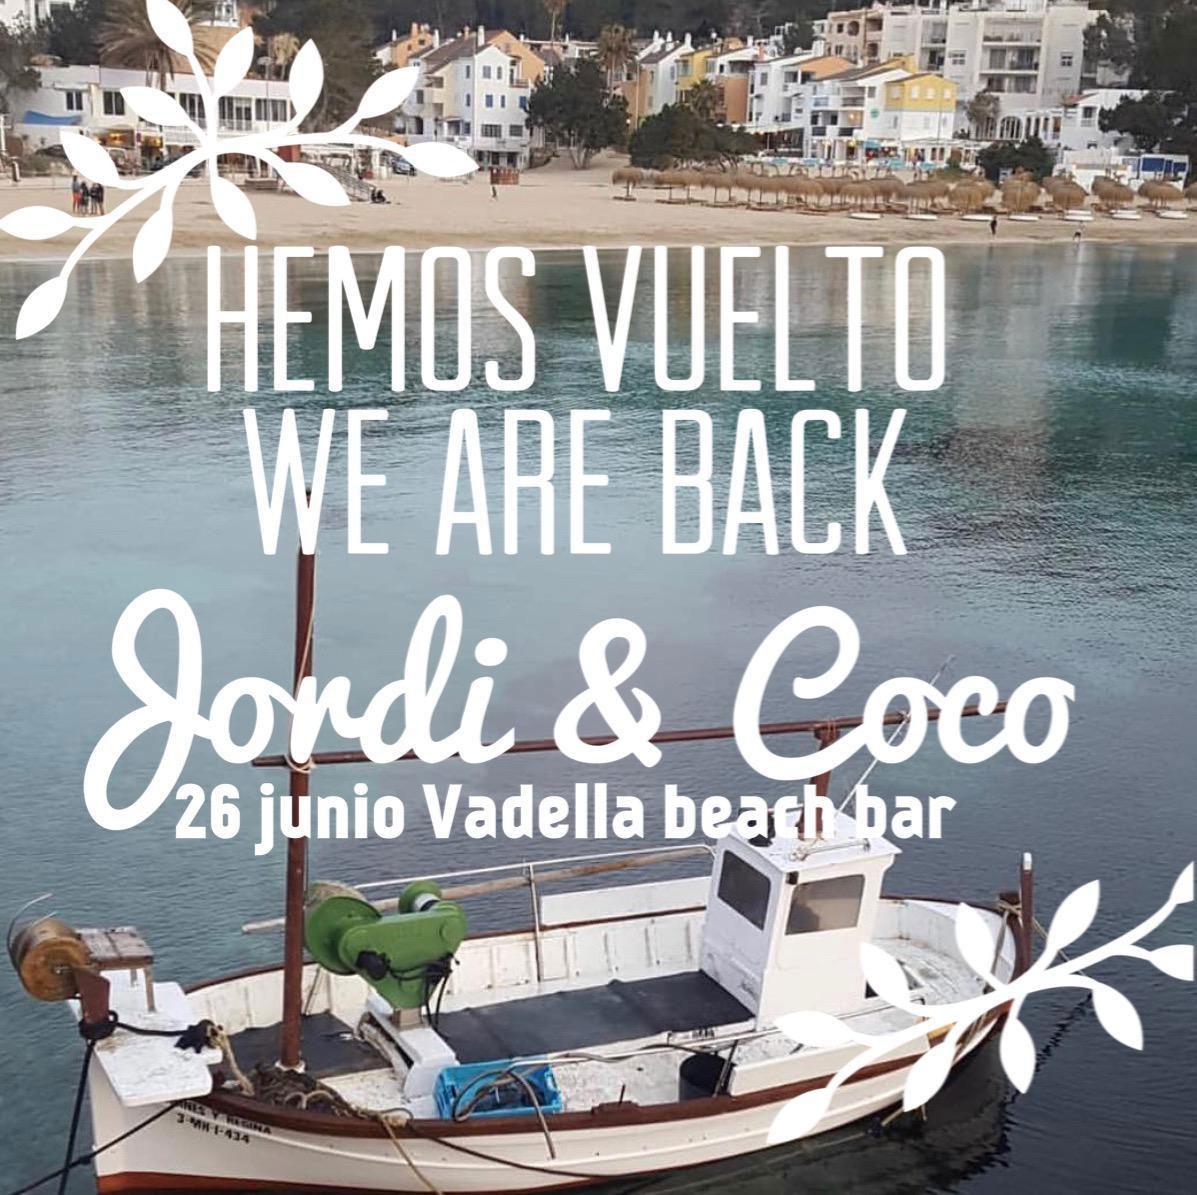 reopening-vadella-beach-bar-ibiza-2020-welcometoibiza